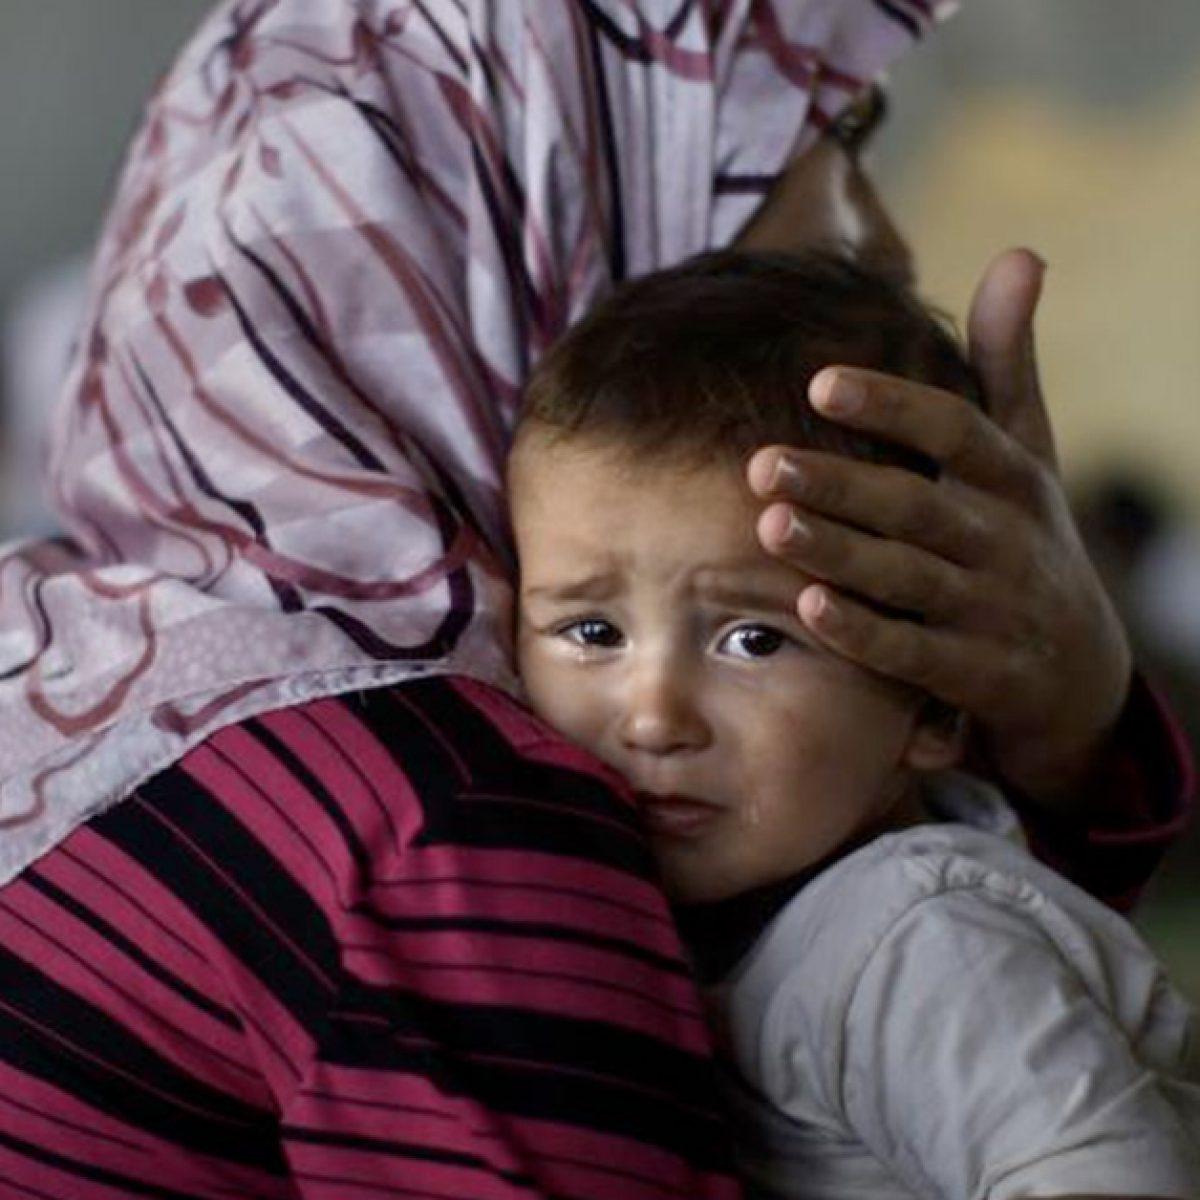 Nie odwracaj oczu - Syria